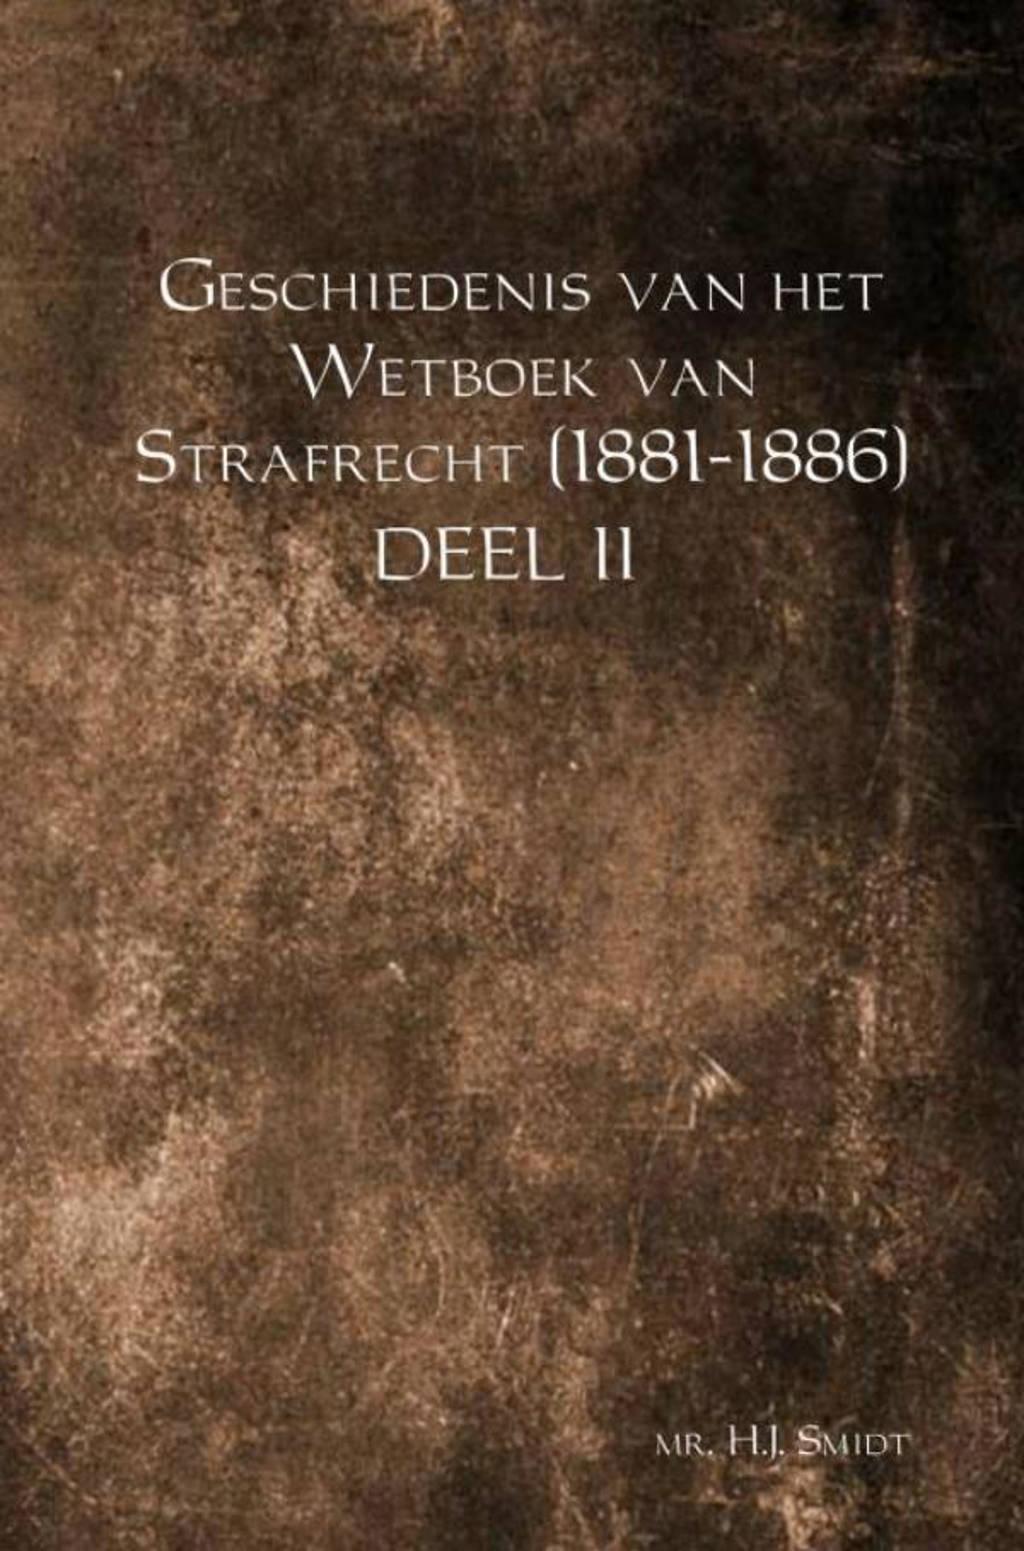 Geschiedenis van het Wetboek van Strafrecht (1881-1886) Deel II - Mr. H.J. Smidt